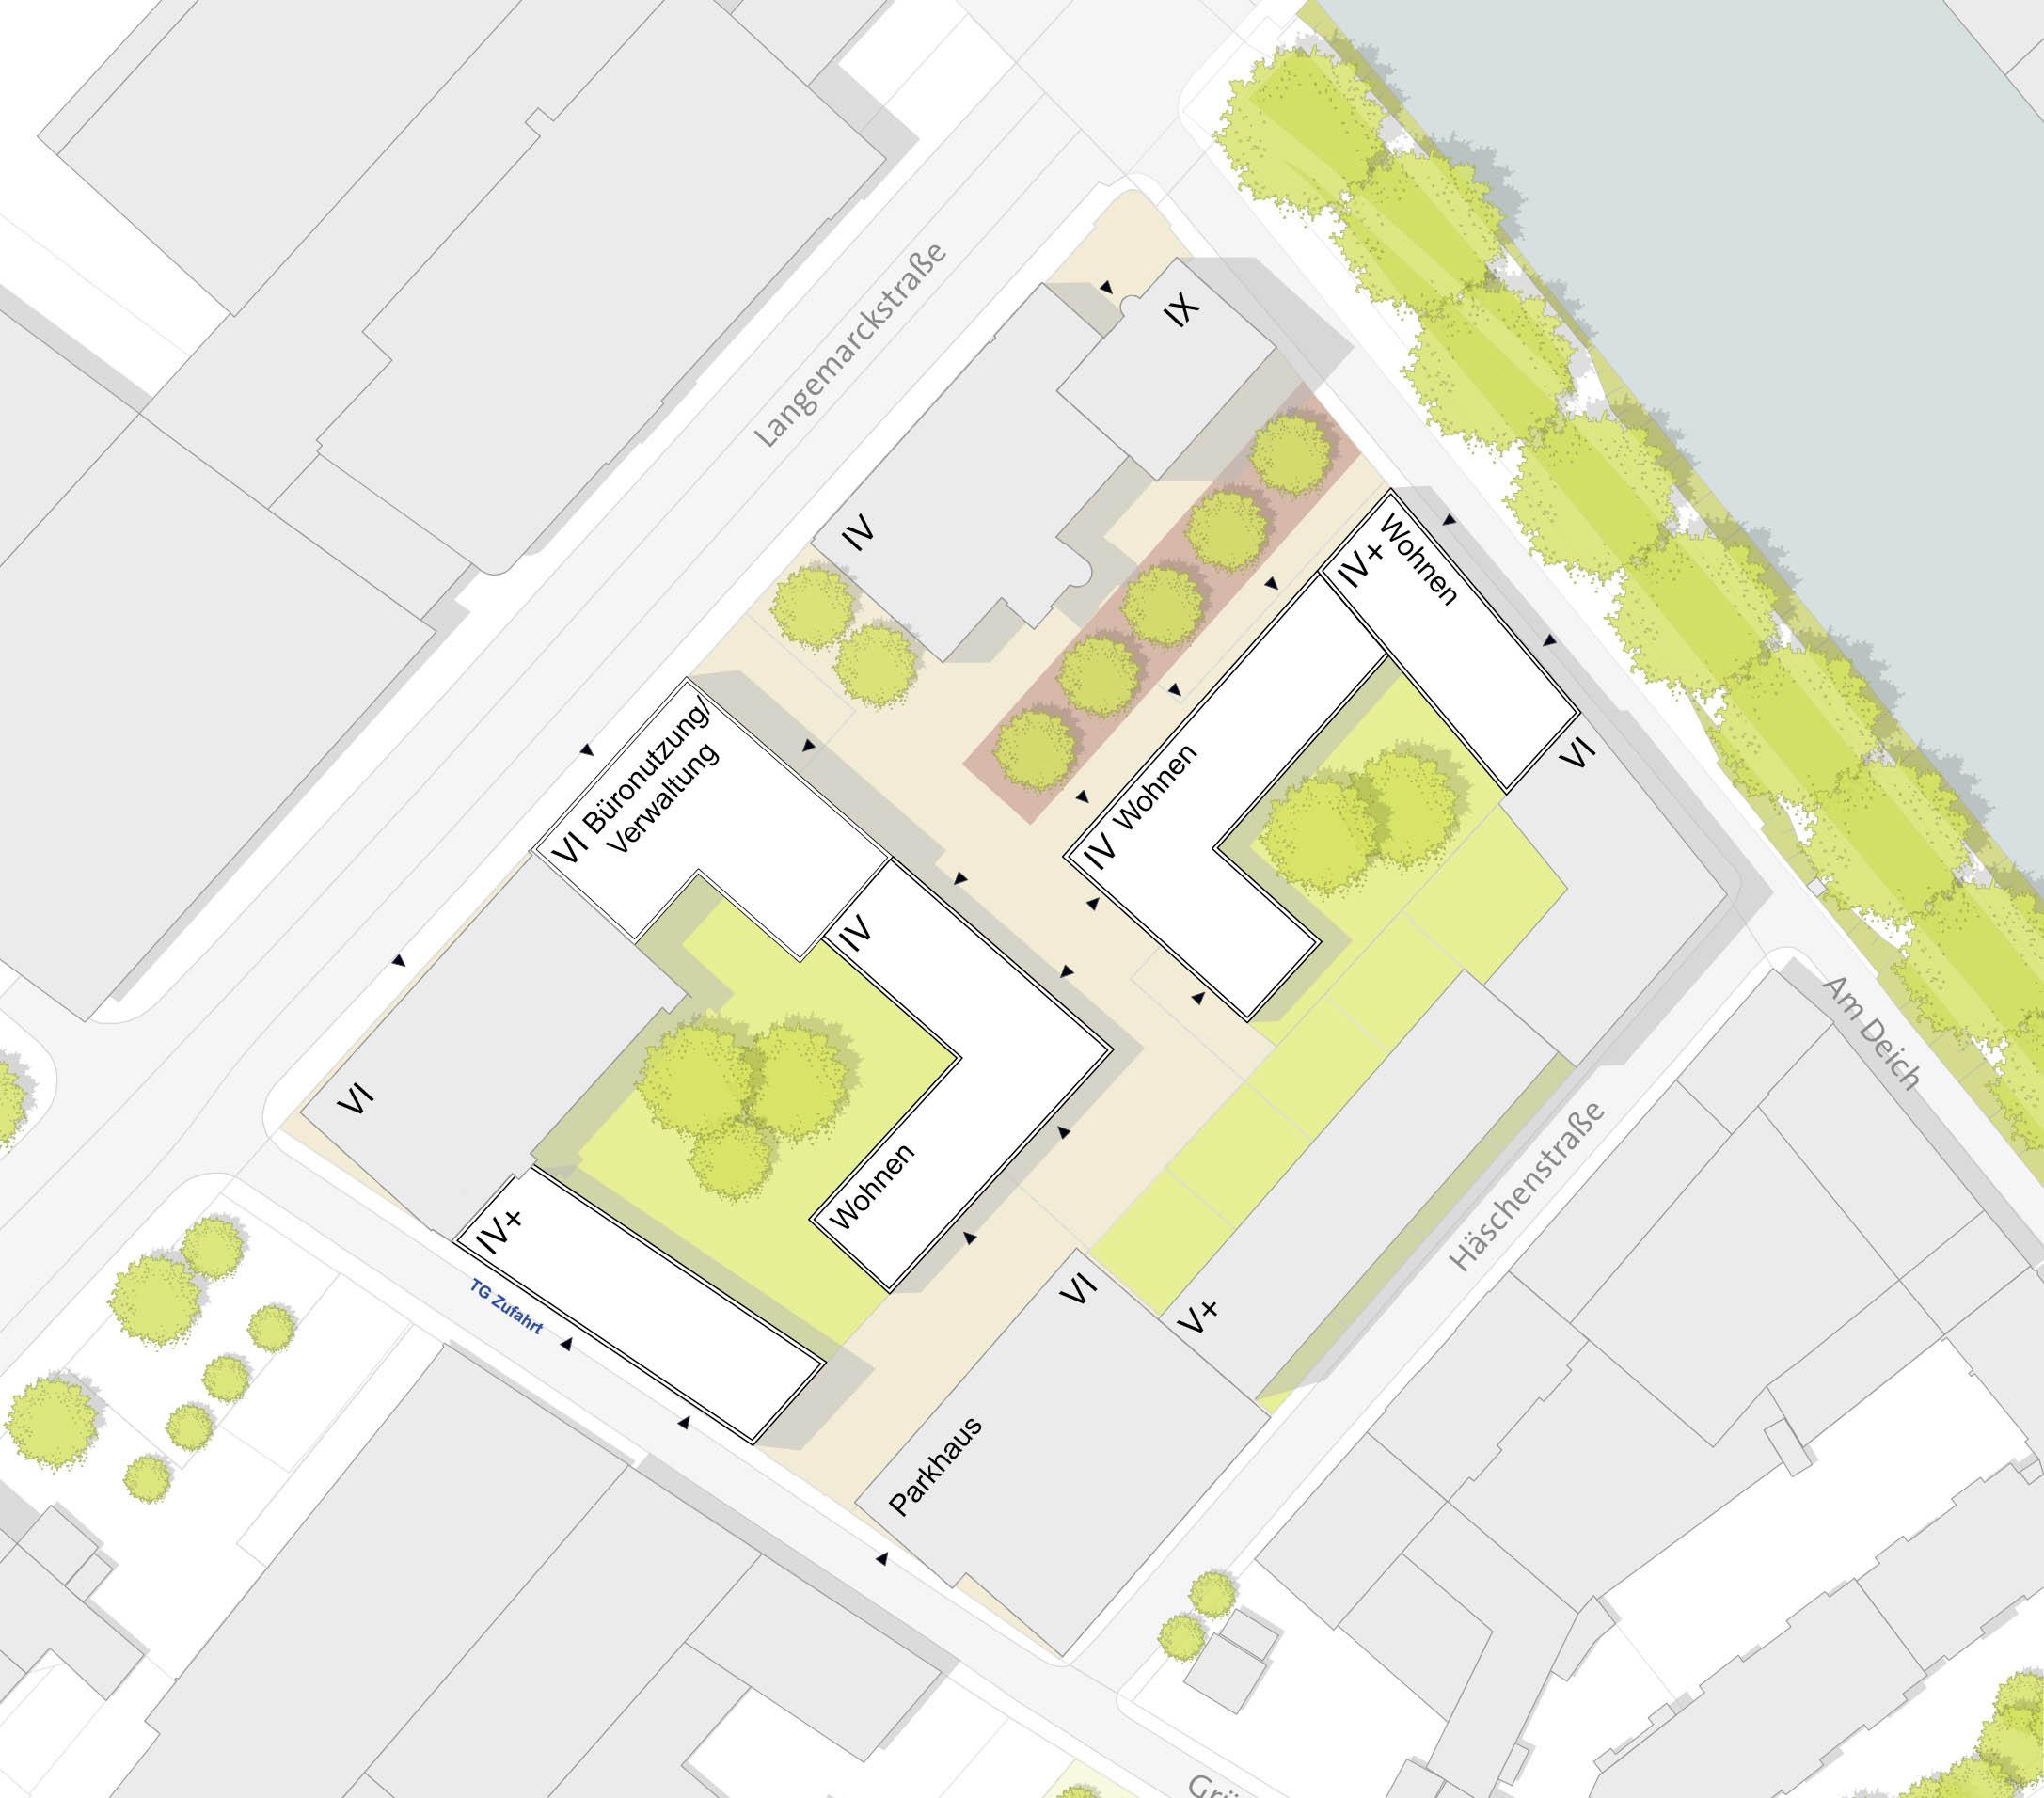 Baumassenstudie für das Mondeléz-Gelände, Stadt Bremen